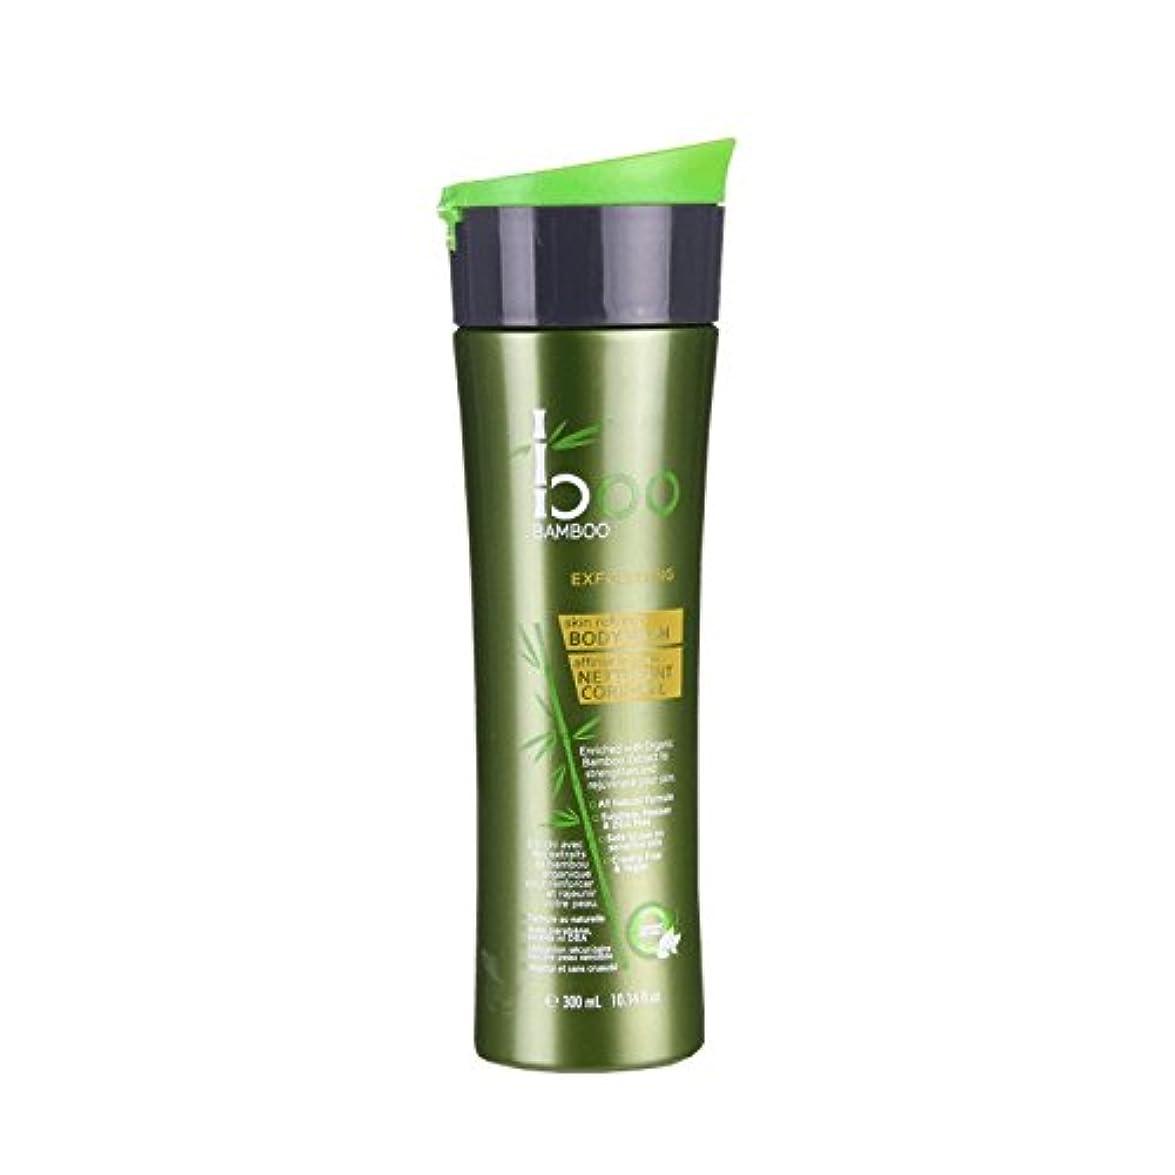 分散誕生日懐疑論Boo Bamboo Exfoliating Body Wash 300ml (Pack of 2) - 竹ピーリングボディウォッシュ300ミリリットルブーイング (x2) [並行輸入品]